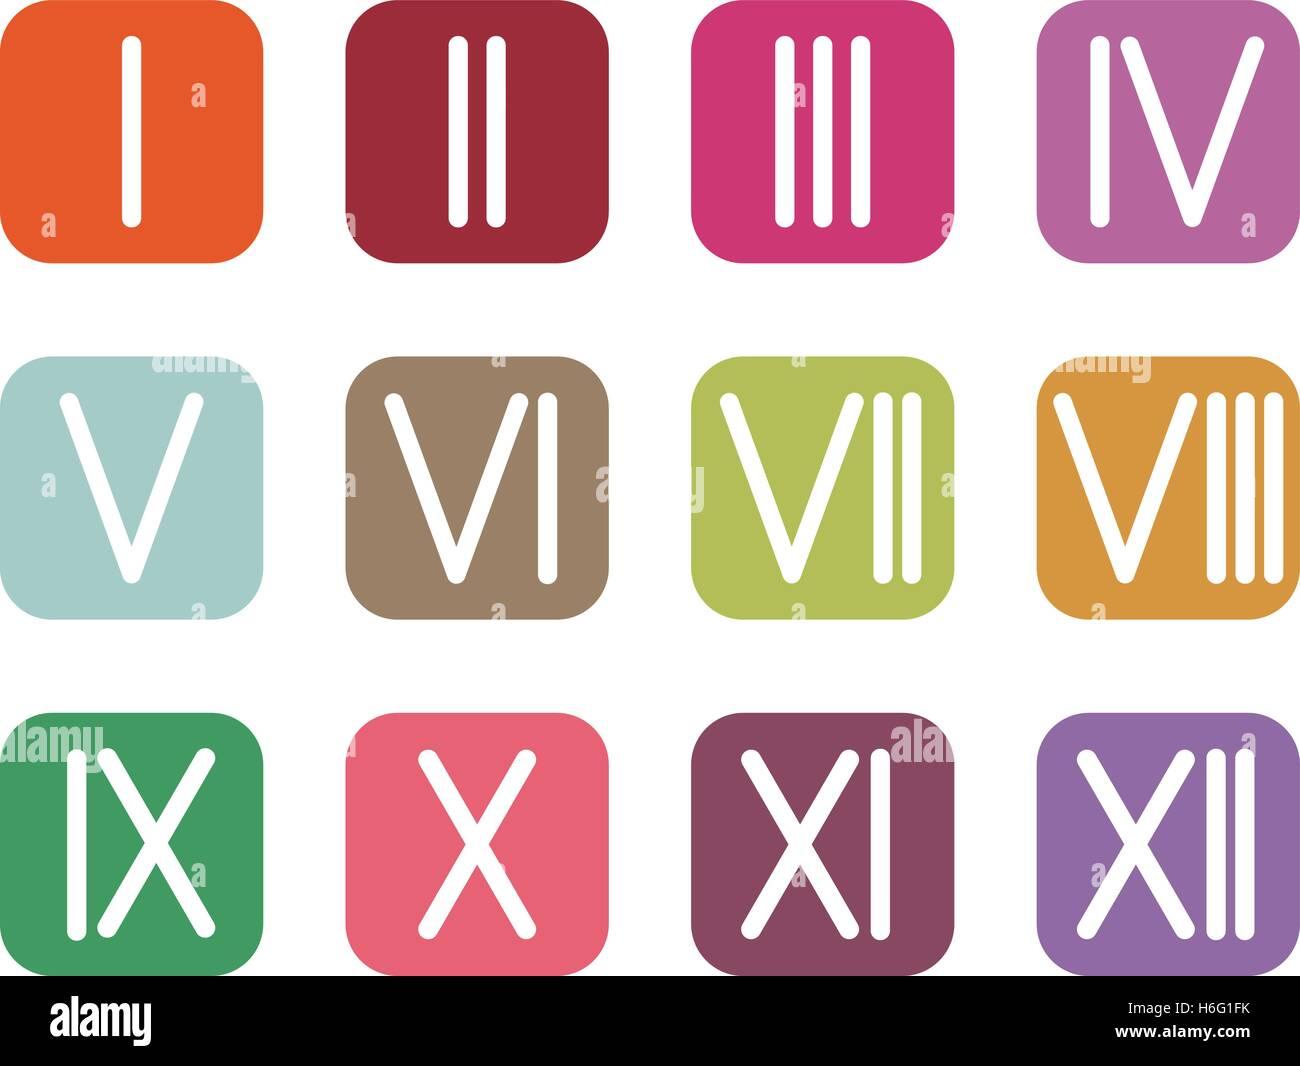 Establecer Números Romanos 1 12 Icono 12 Botones De Colores